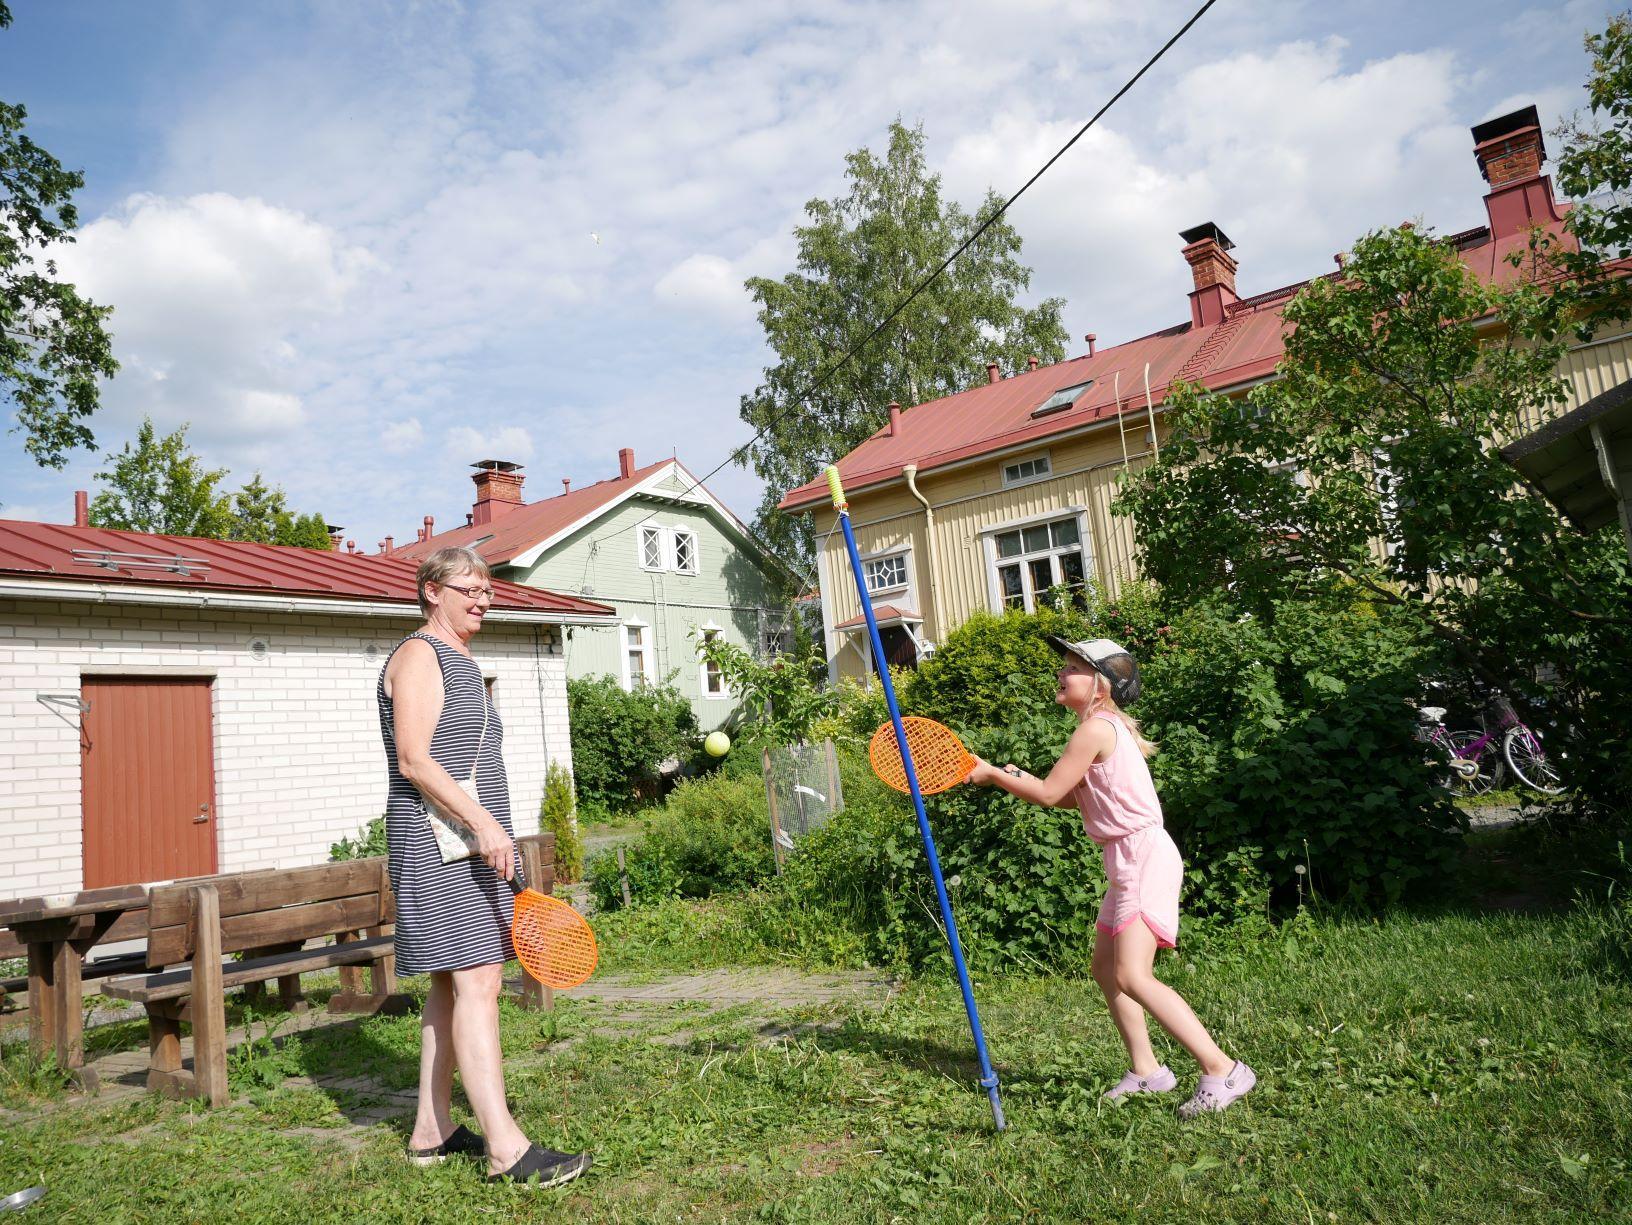 Allt fler vill bo i charmiga Martinsbacken — bostadspriserna stiger snabbt och invånarna prisar lugnet och närheten till centrum och skola